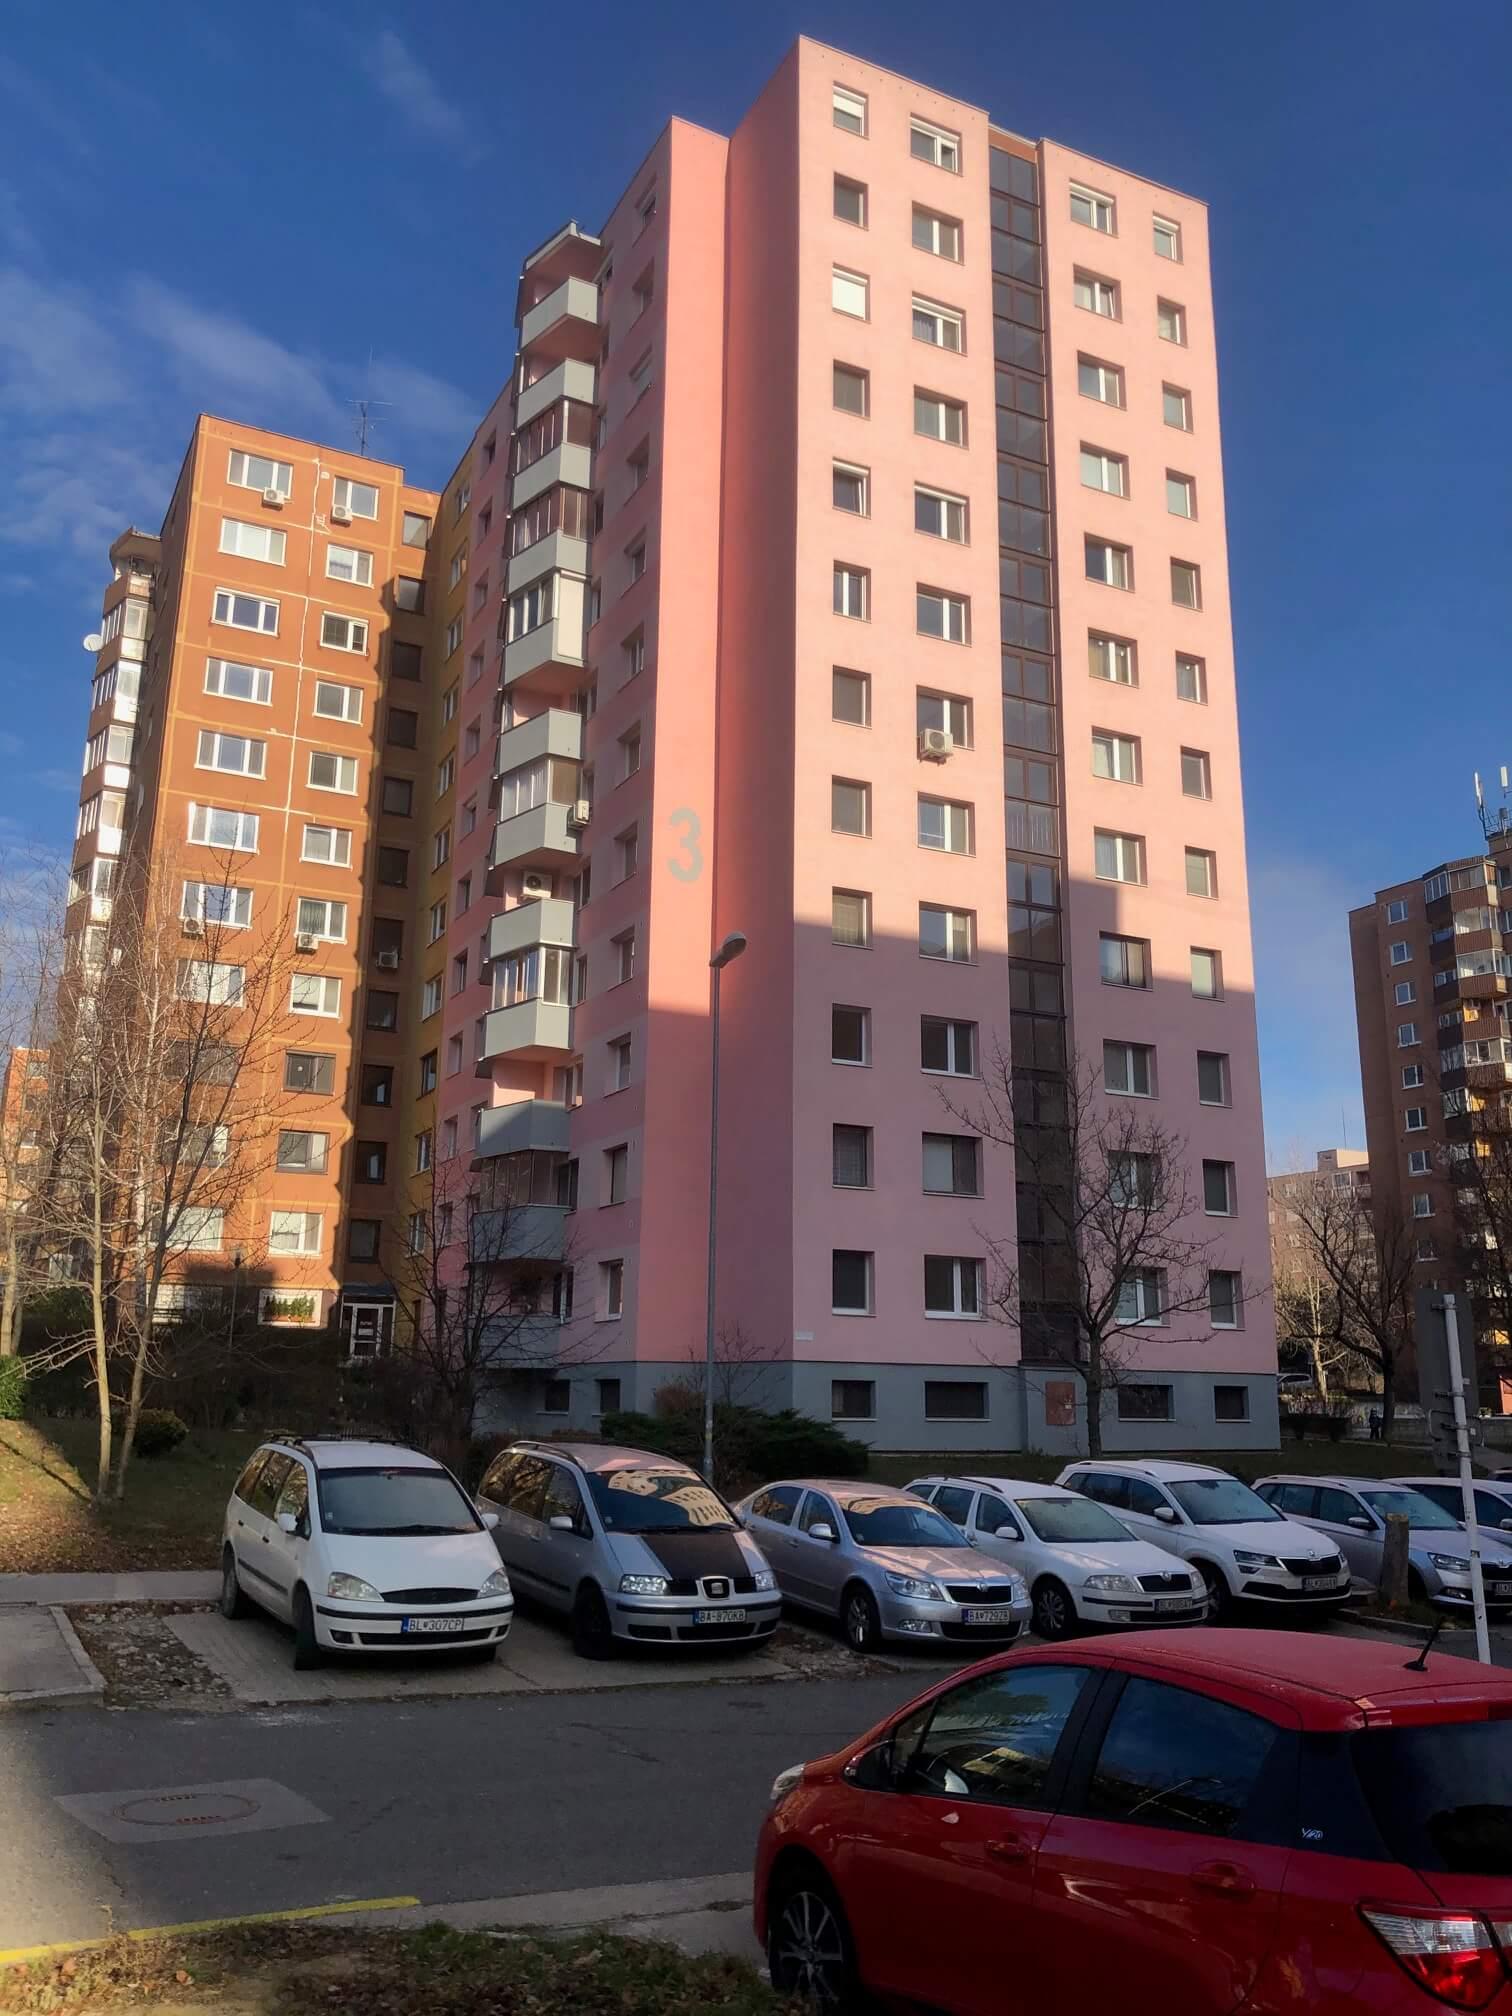 Exkluzívne na predaj 3 izbový byt, Devínska Nová Ves, Jána Poničana 3, 65m2, balkon 4m2,klimatizácia-5